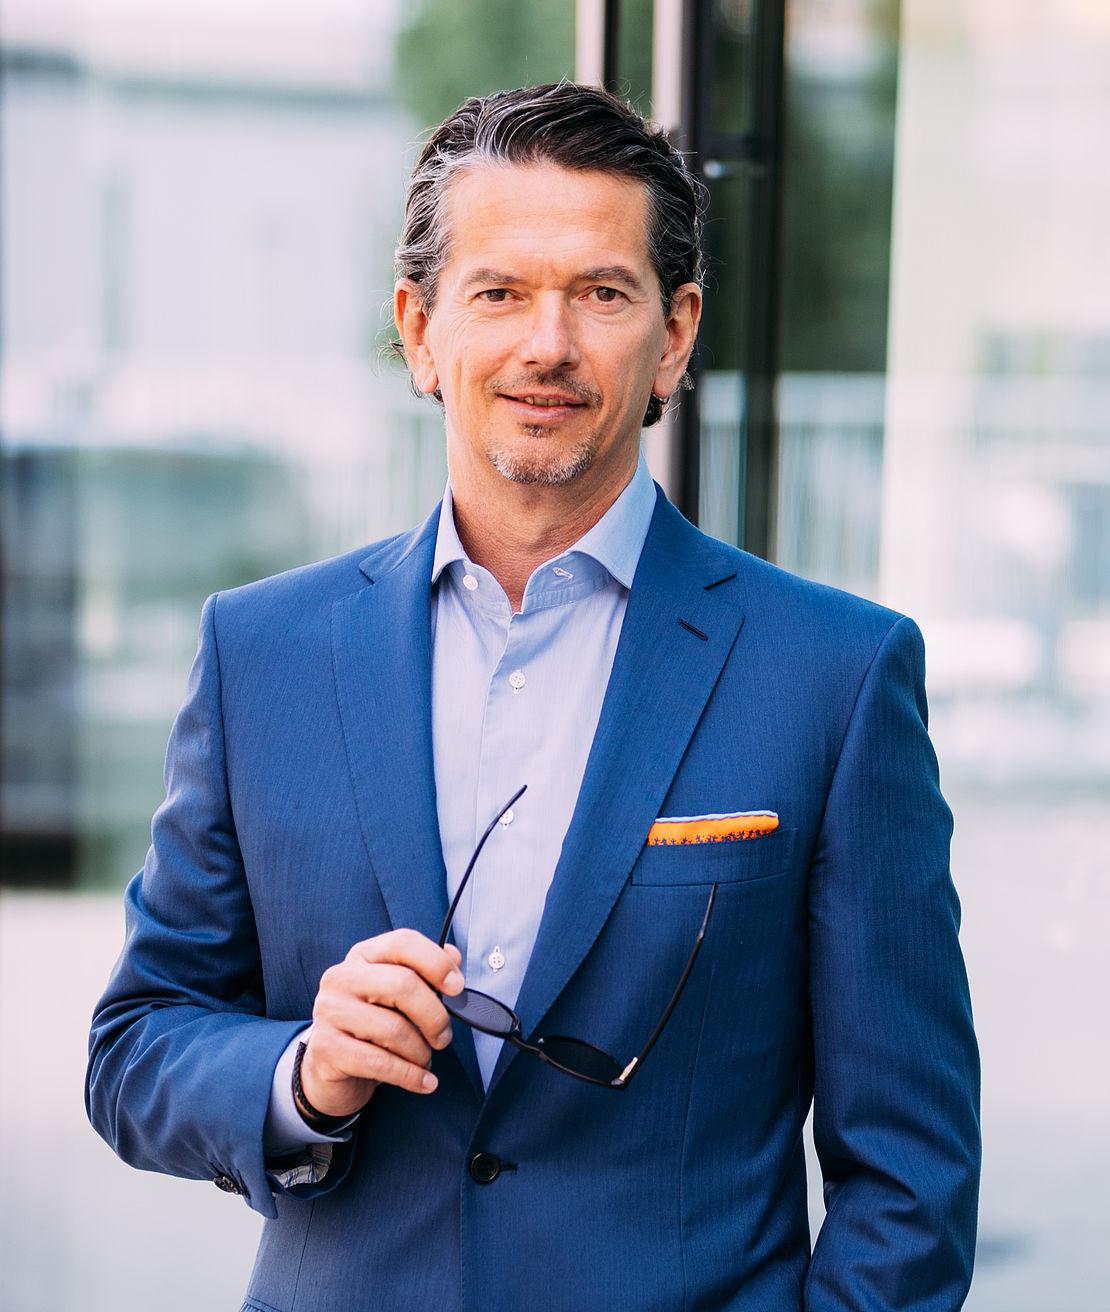 Michael Winter Geschäftsführer uvex group